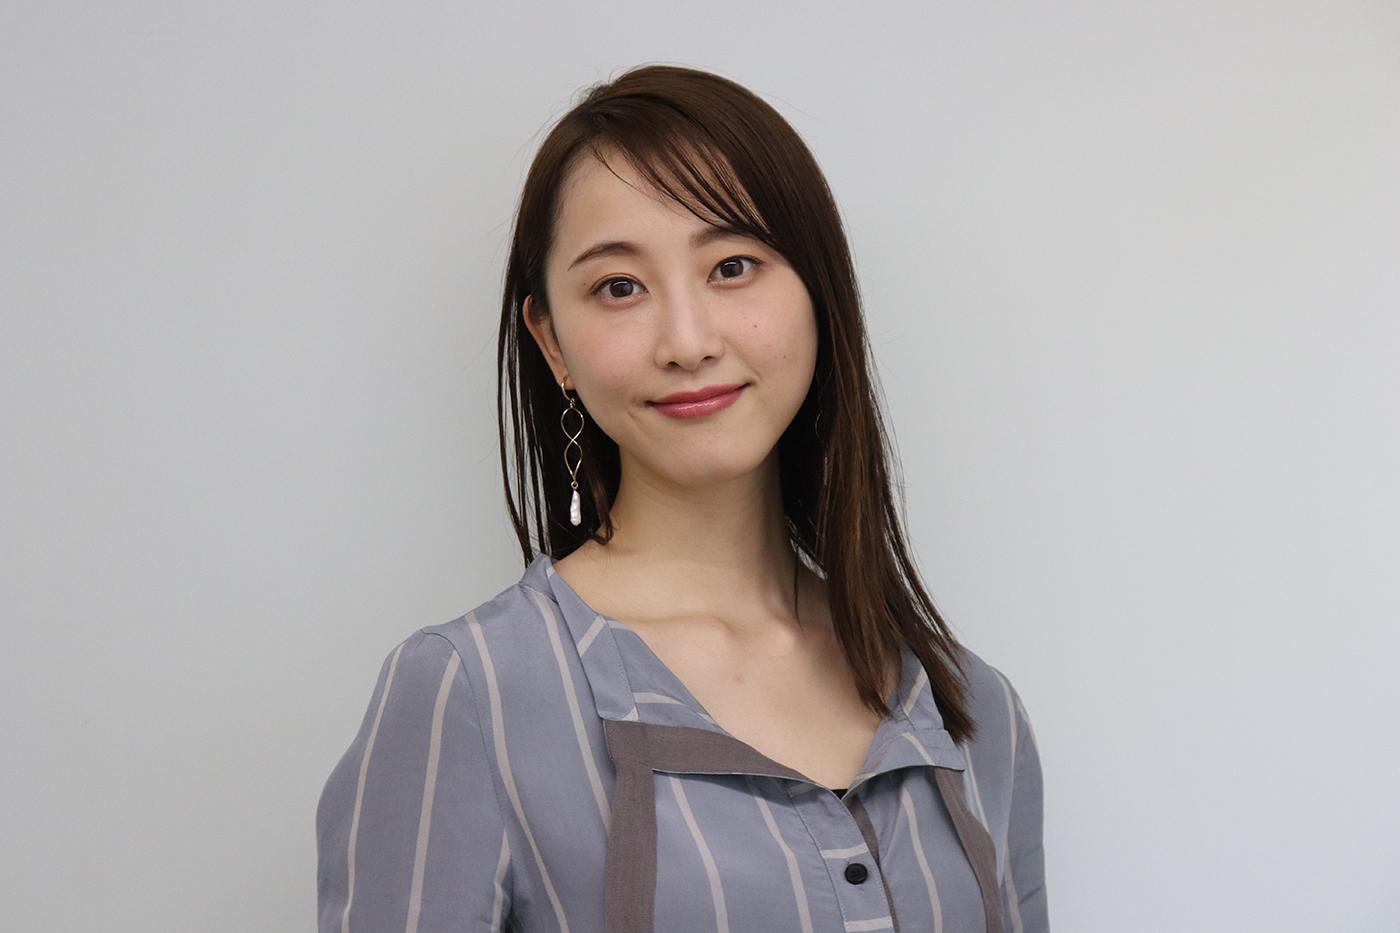 松井玲奈インタビュー「舞台はキュンとするものを見つける宝探しのよう」